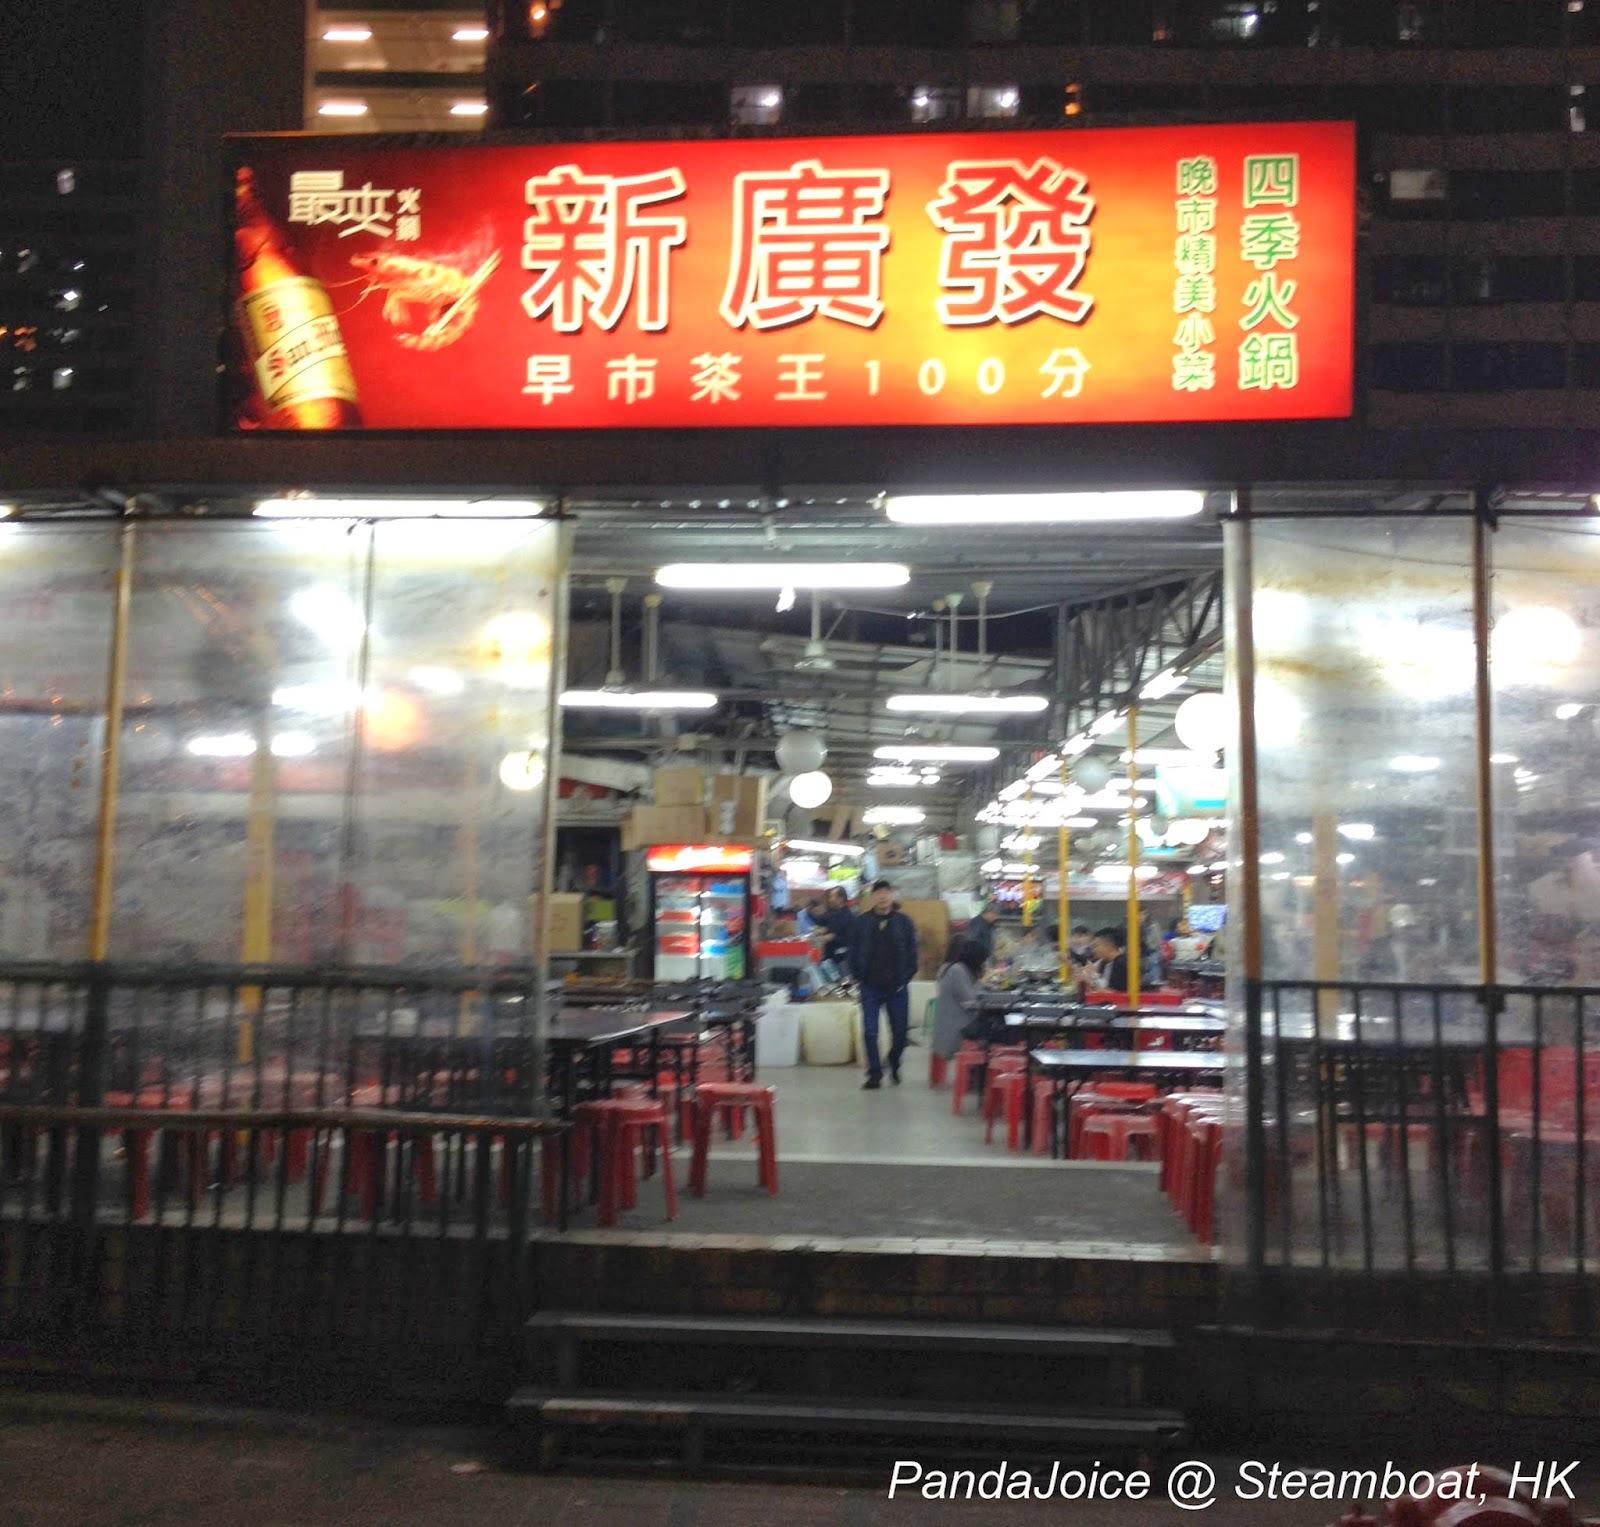 腳游香港: 沙田道風山 | Lazy Panda - Panda Joice | 旅遊嘆世界 - fanpiece